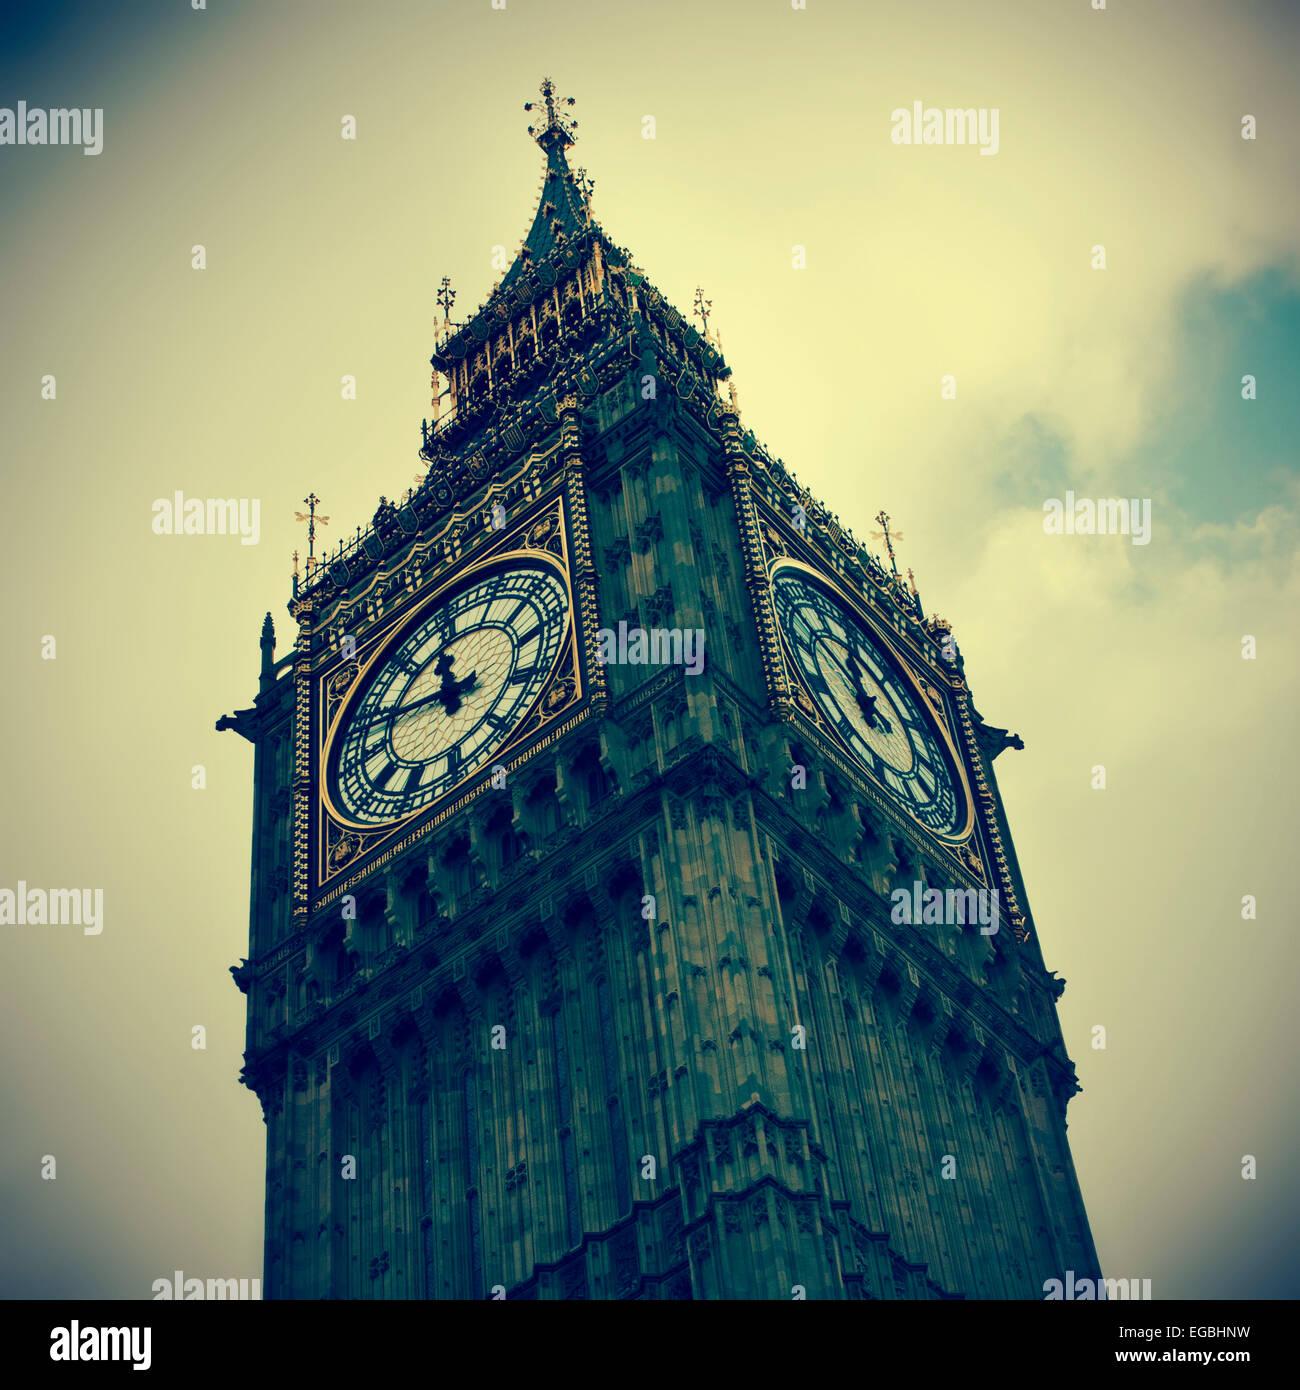 Nahaufnahme des Big Ben in London, Vereinigtes Königreich, mit einem Retro-Effekt Stockbild